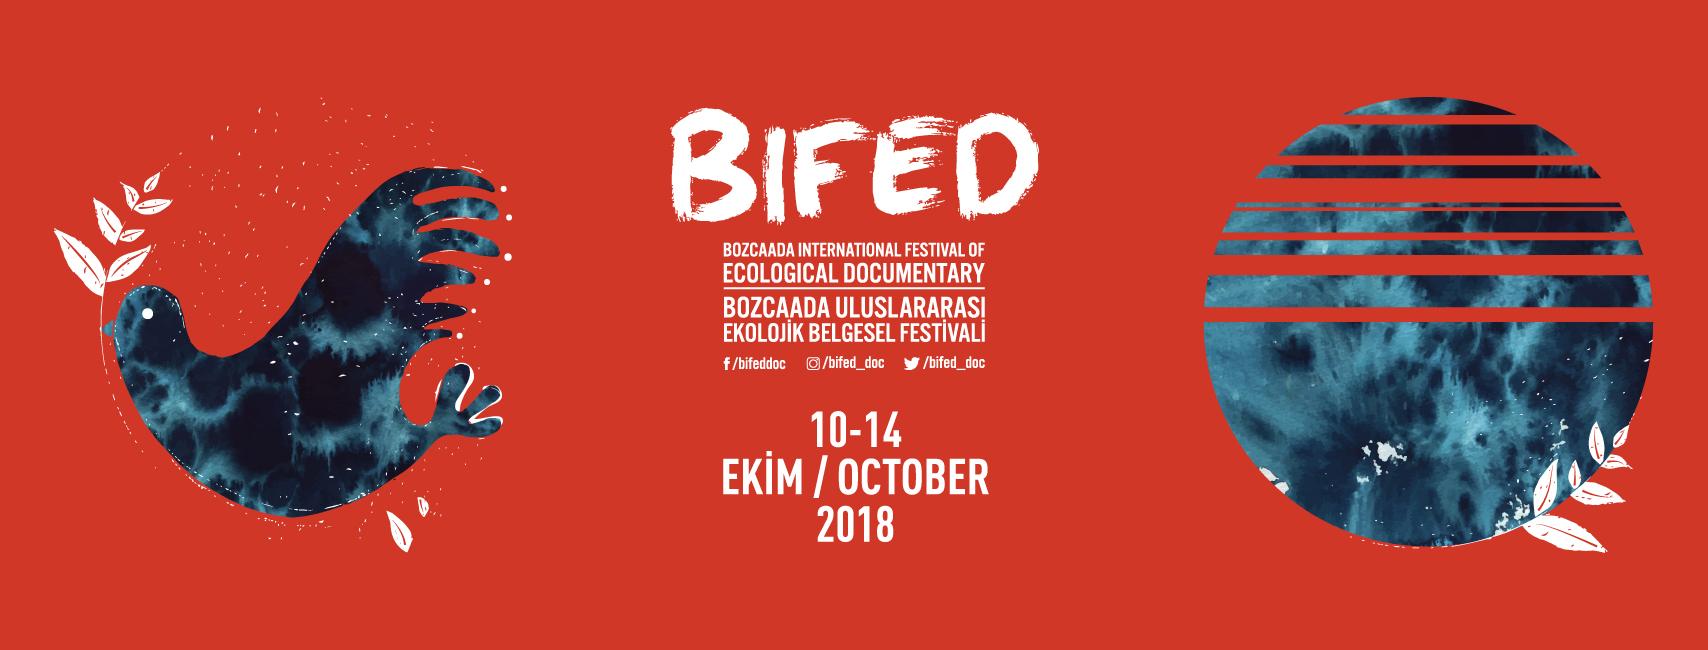 BIFED 2018 Afiş